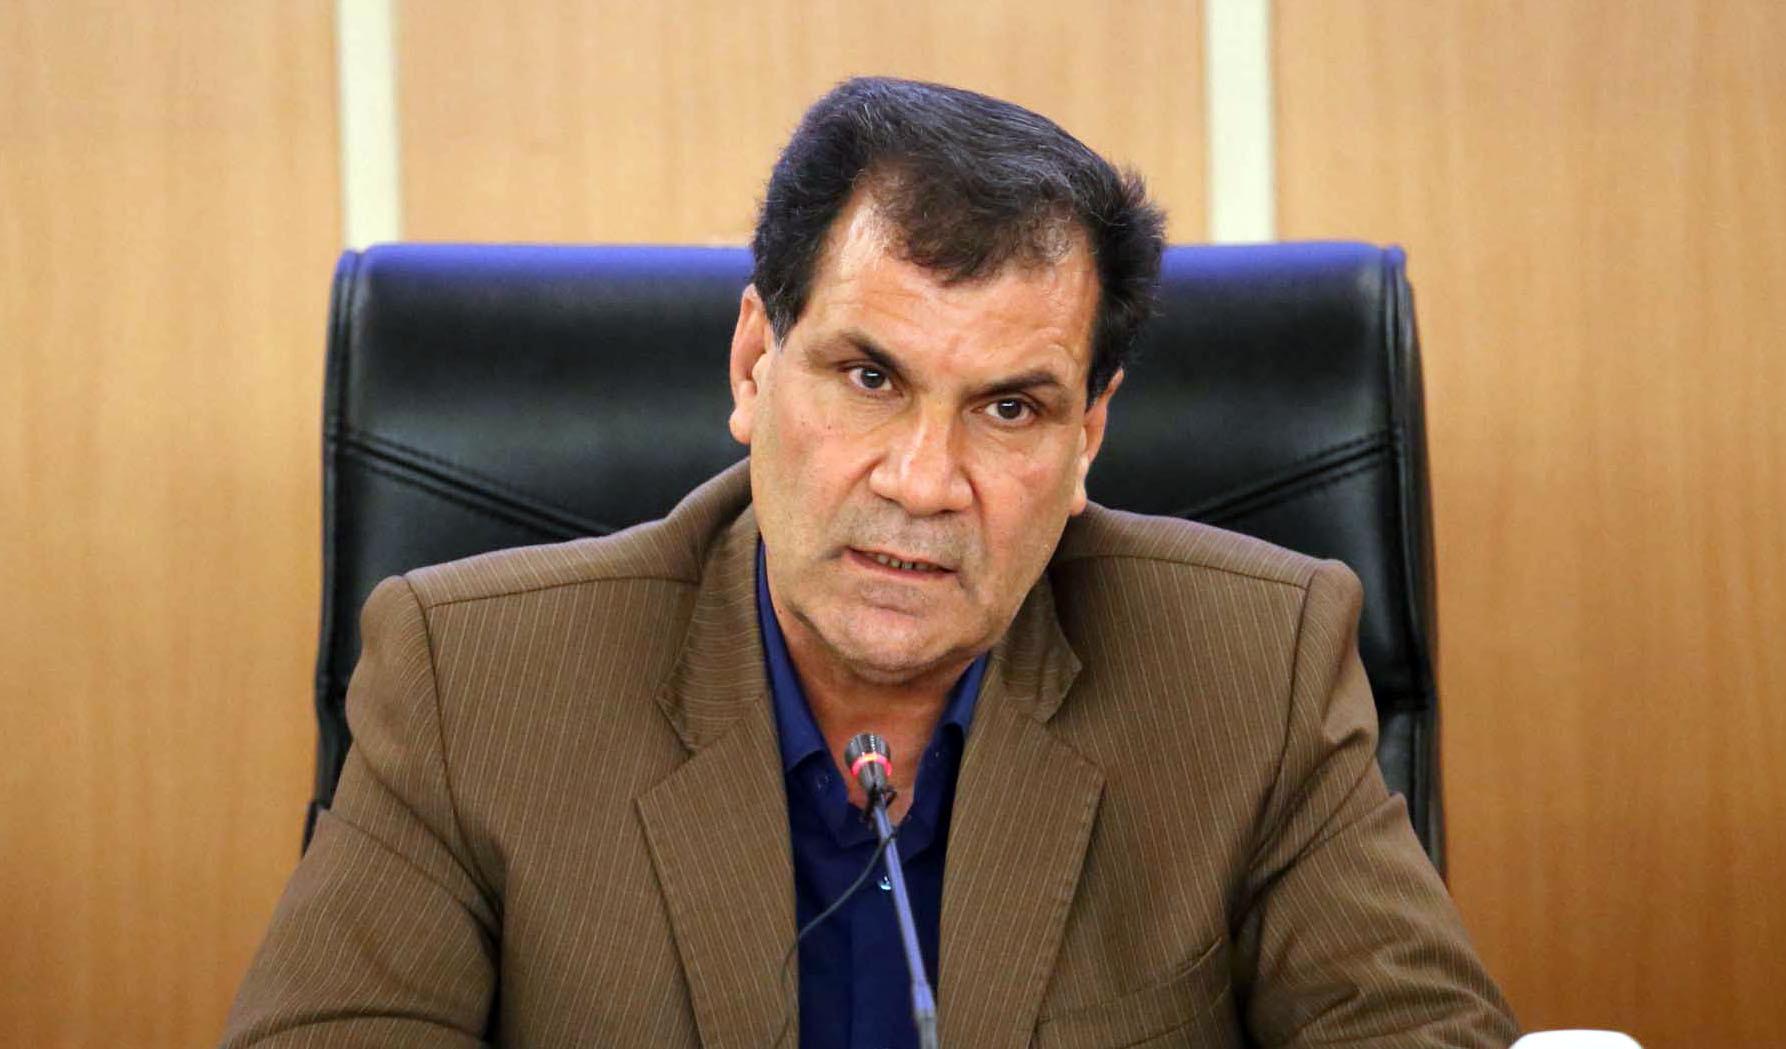 یک سالگی پردرد سر استاندار ! / لزوم بازگشت احمدی به سیستم ۶ ماه اول! / استاندار قربانی برنامه های تاجگردون می شود؟